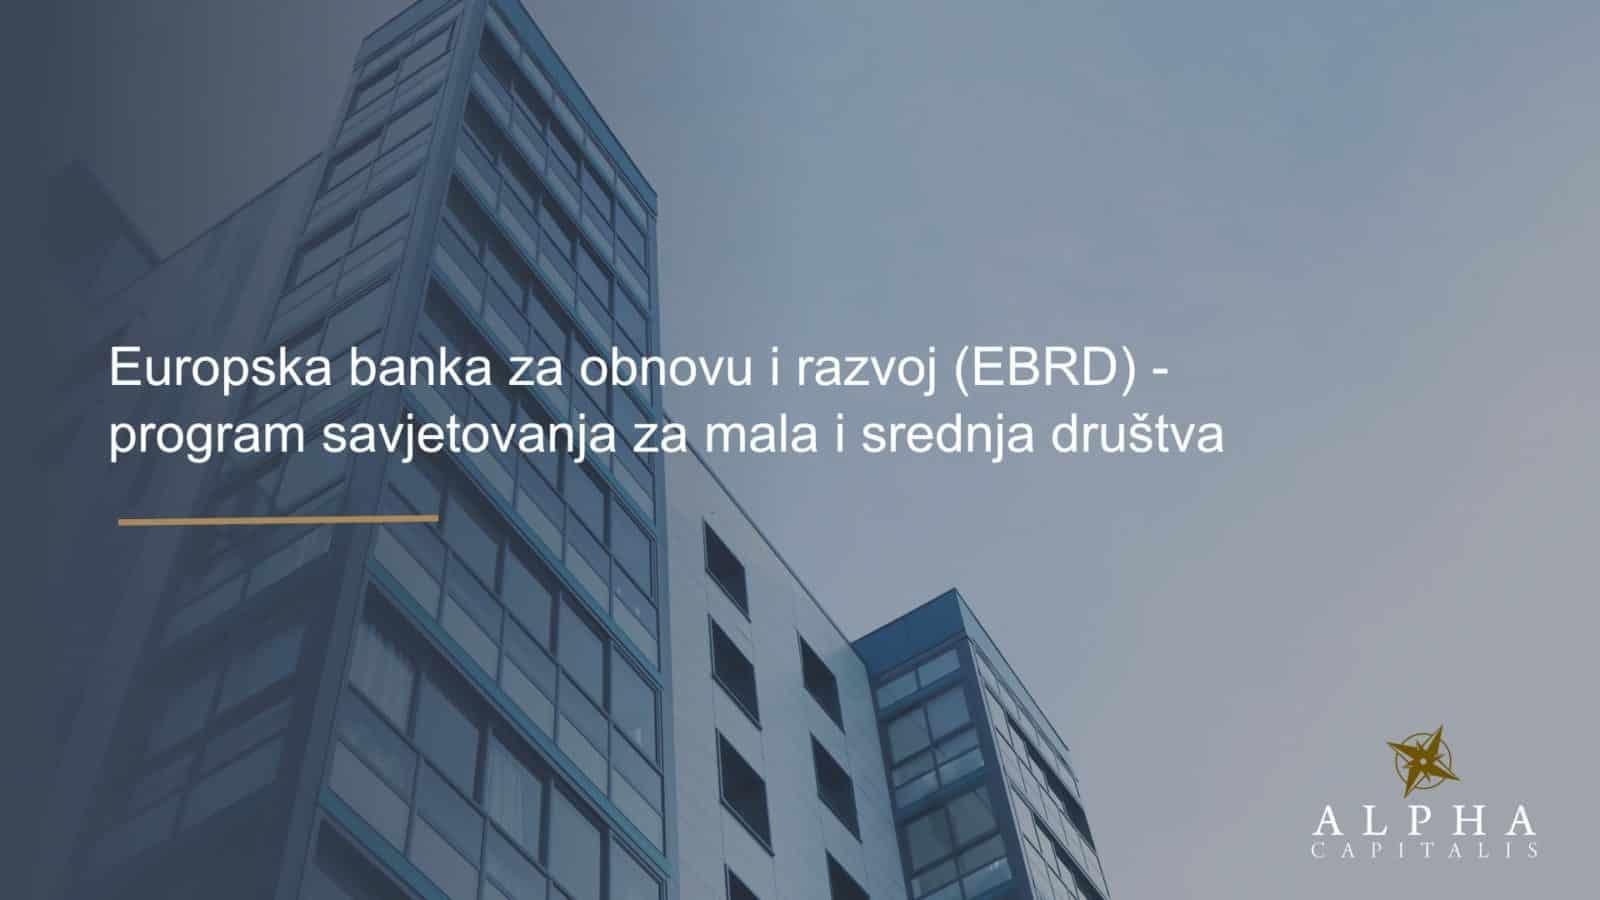 Europska banka za obnovu i razvoj EBRD program savjetovanja za mala i srednja drustva 1 - Europska banka za obnovu i razvoj (EBRD) - program savjetovanja za mala i srednja društva